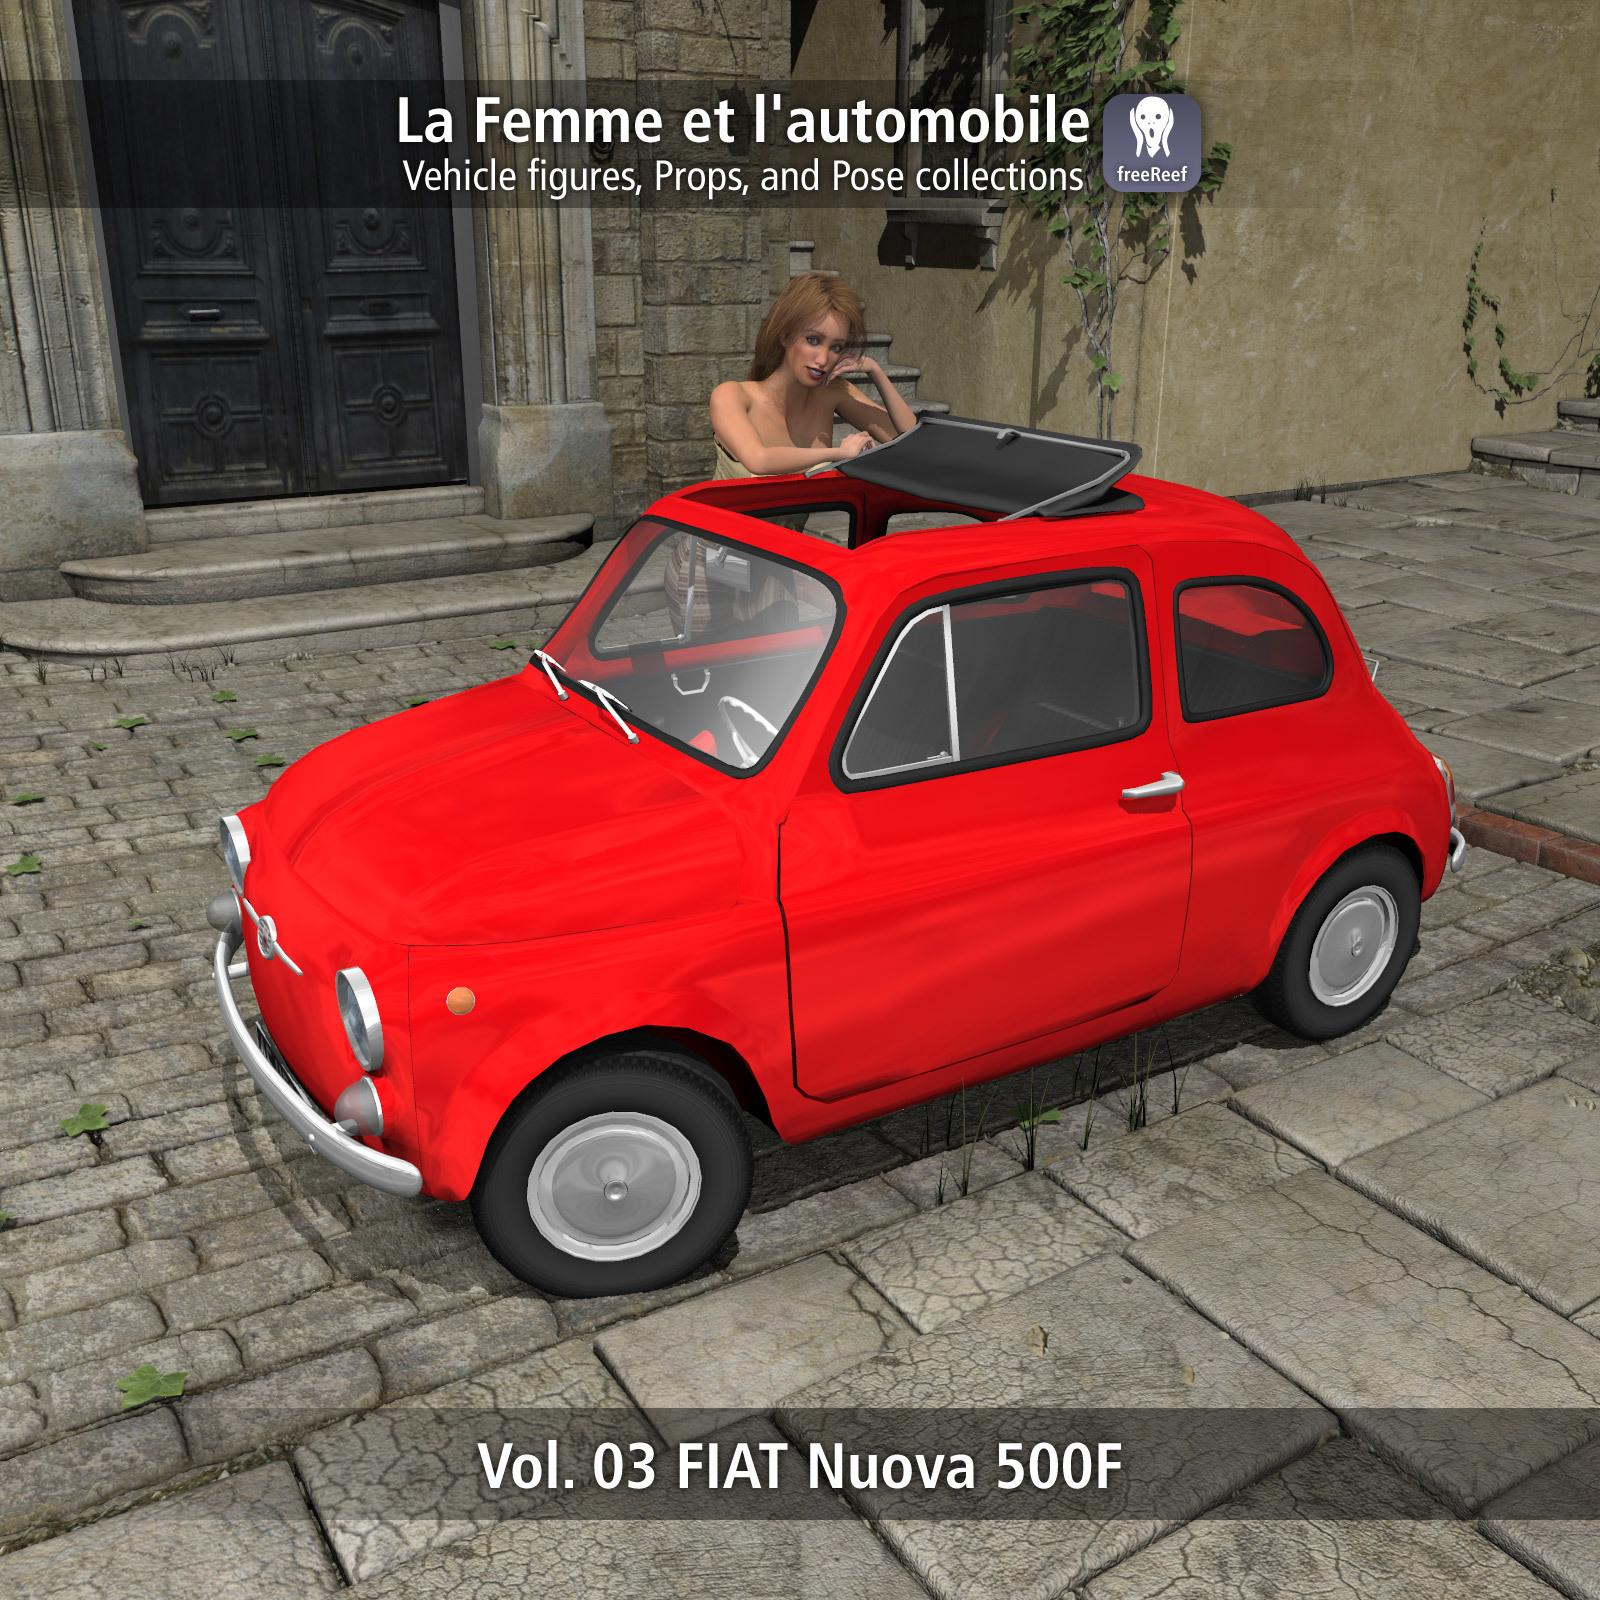 La Femme et l'automobile 03